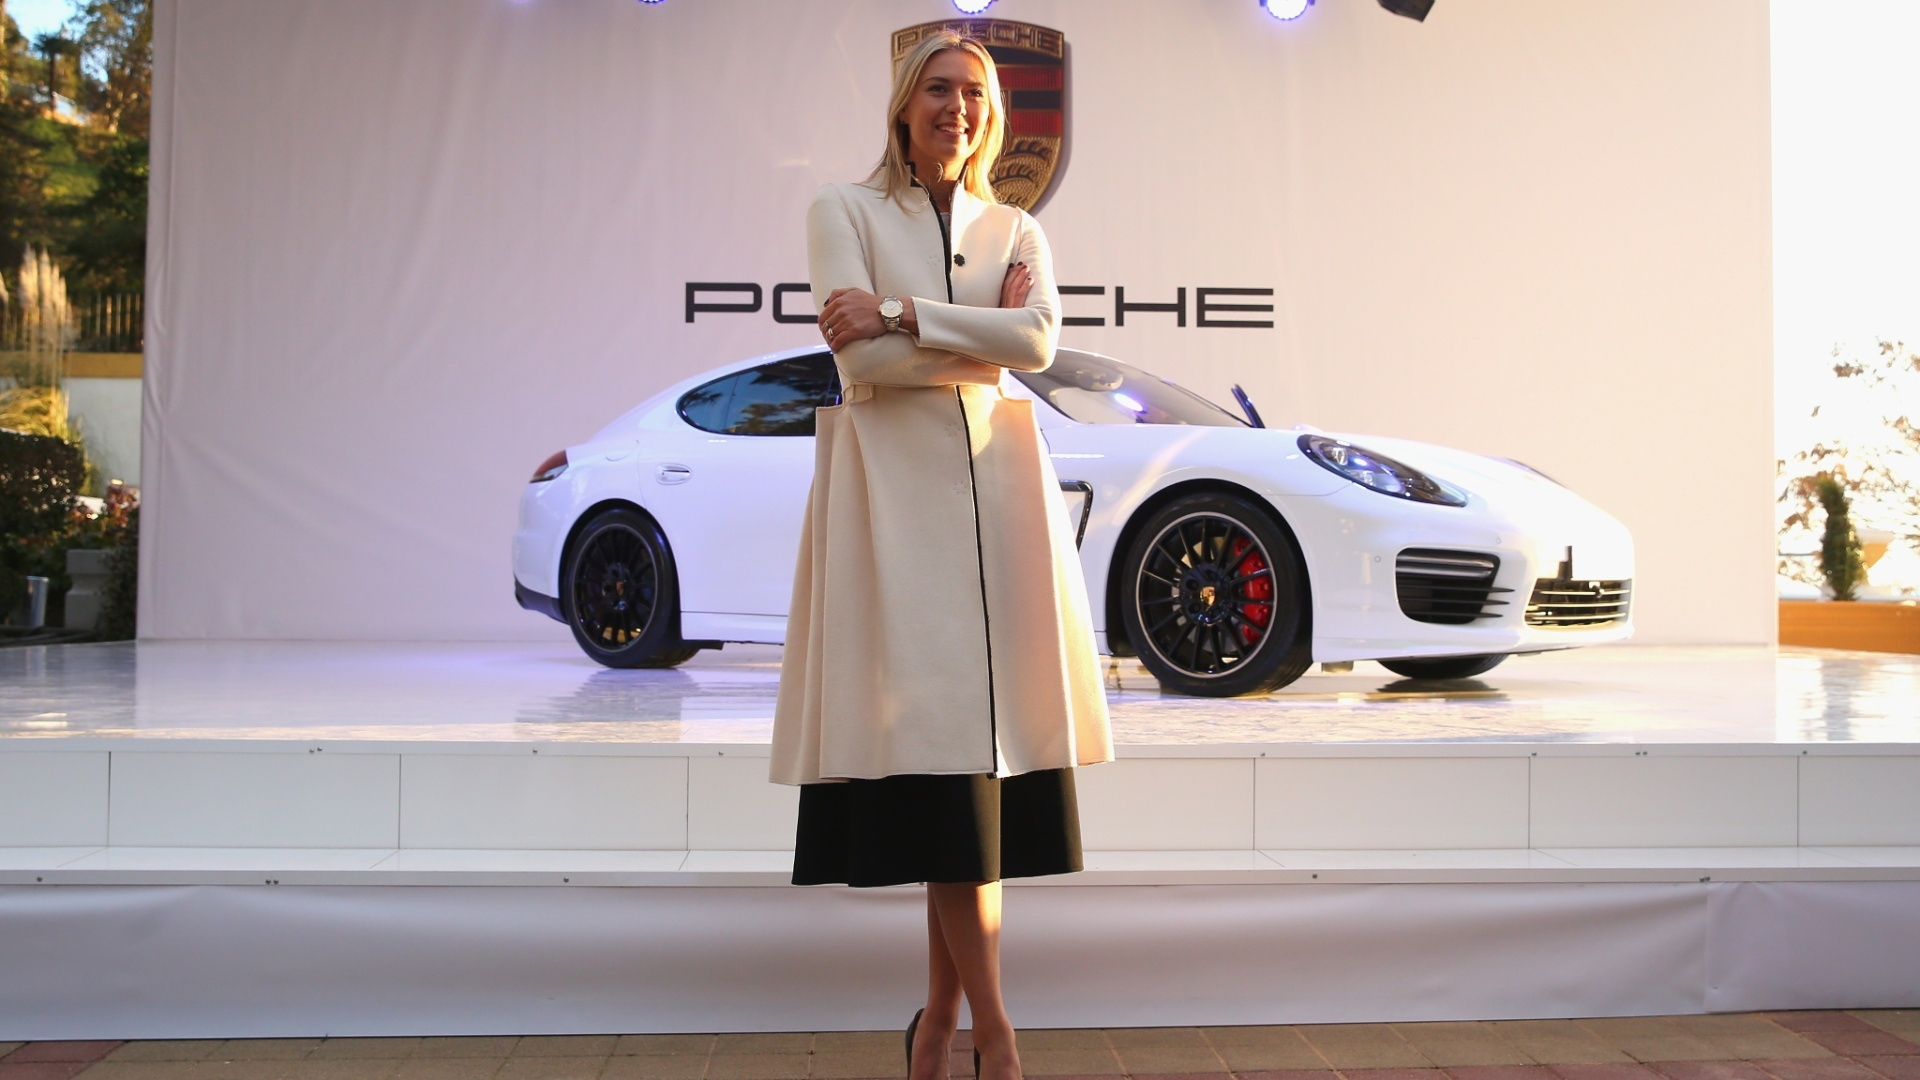 04.fev.2014 - Maria Sharapova apresenta o novo Porsche Panamera, que leva o seu nome, em exposição na Rússia. A tenista é embaixadora da marca e ajudou a desenhar todos os detalhes do carro